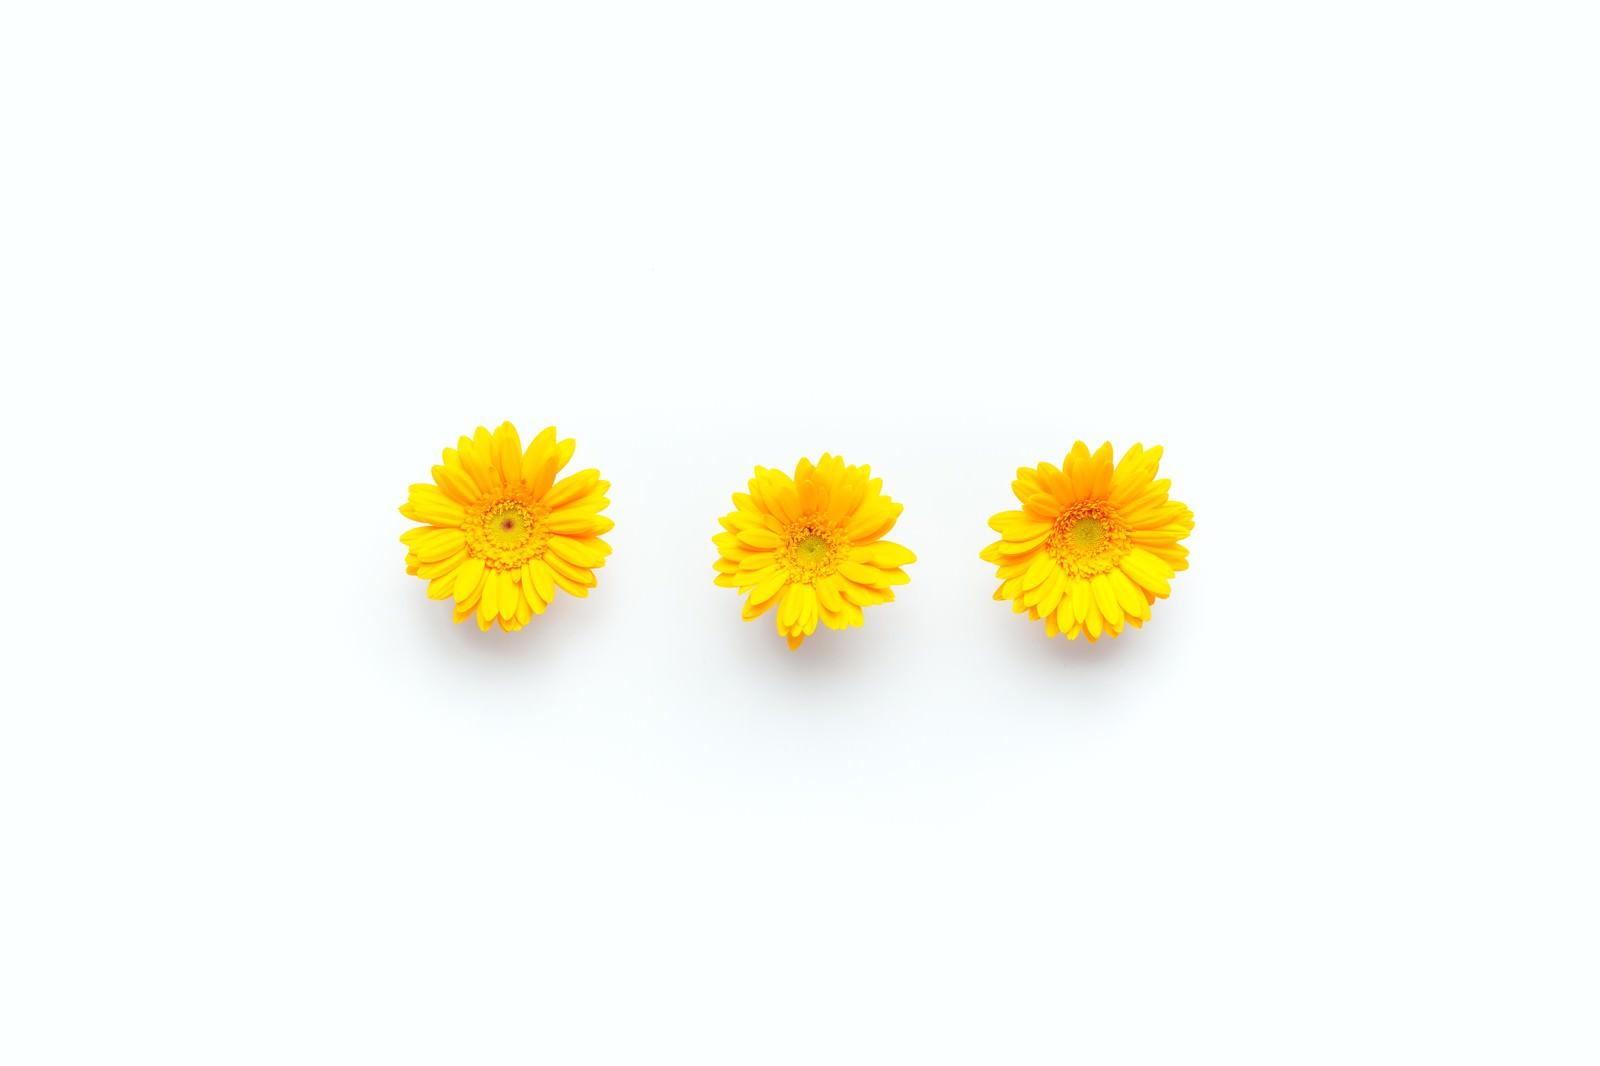 「黄色のガーベラ(3つ)黄色のガーベラ(3つ)」のフリー写真素材を拡大